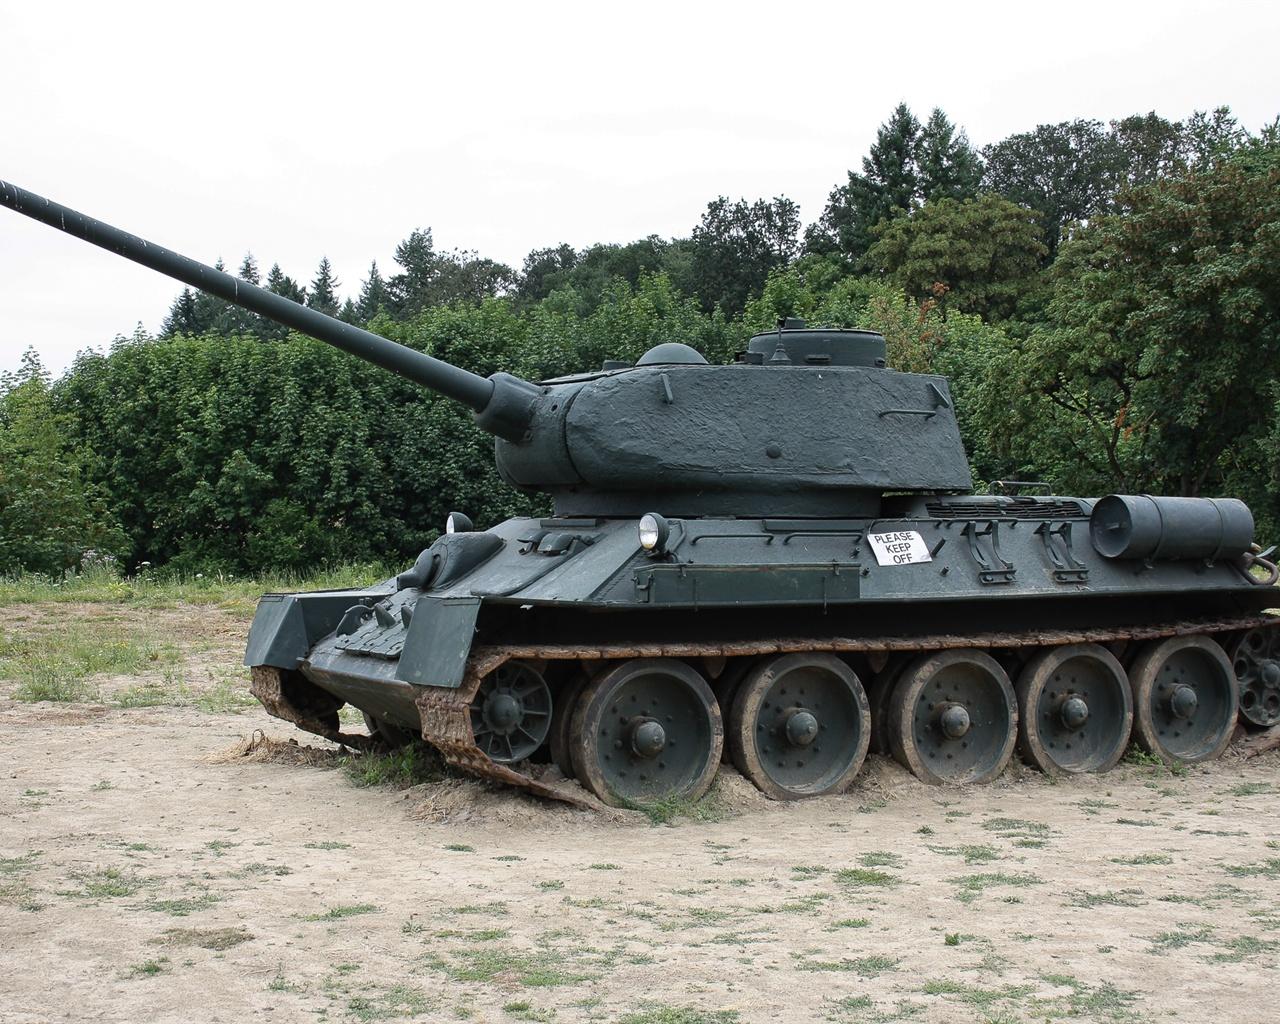 苏联t-34-85坦克 壁纸